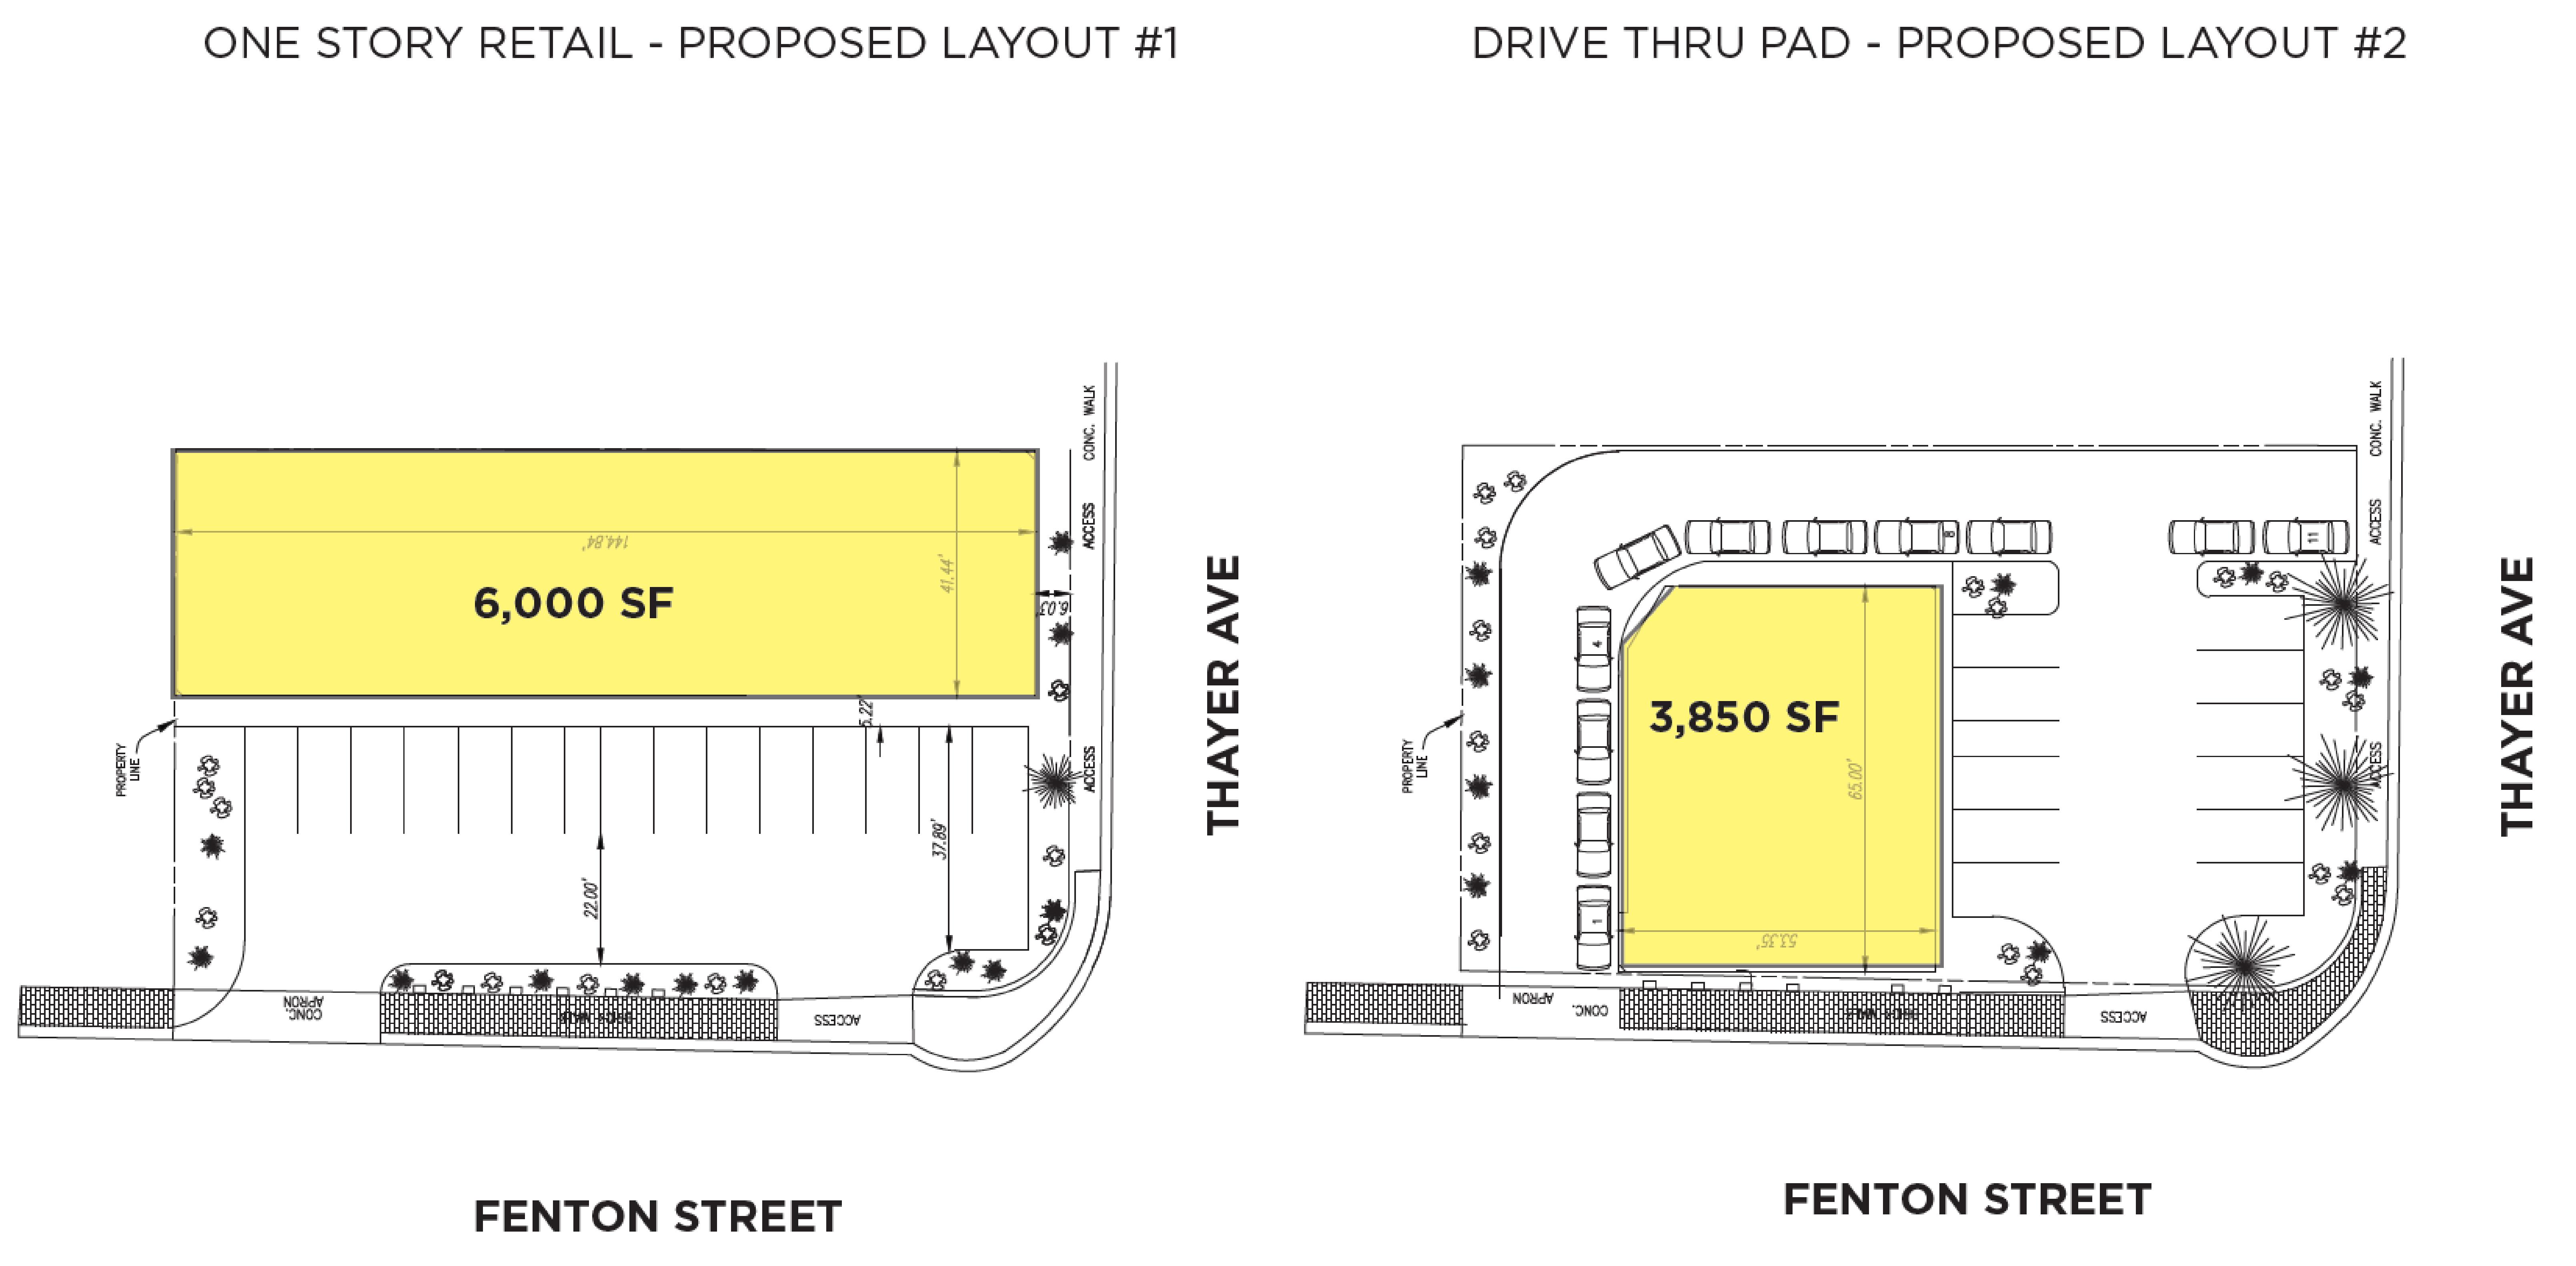 8301 Fenton Street: site plan